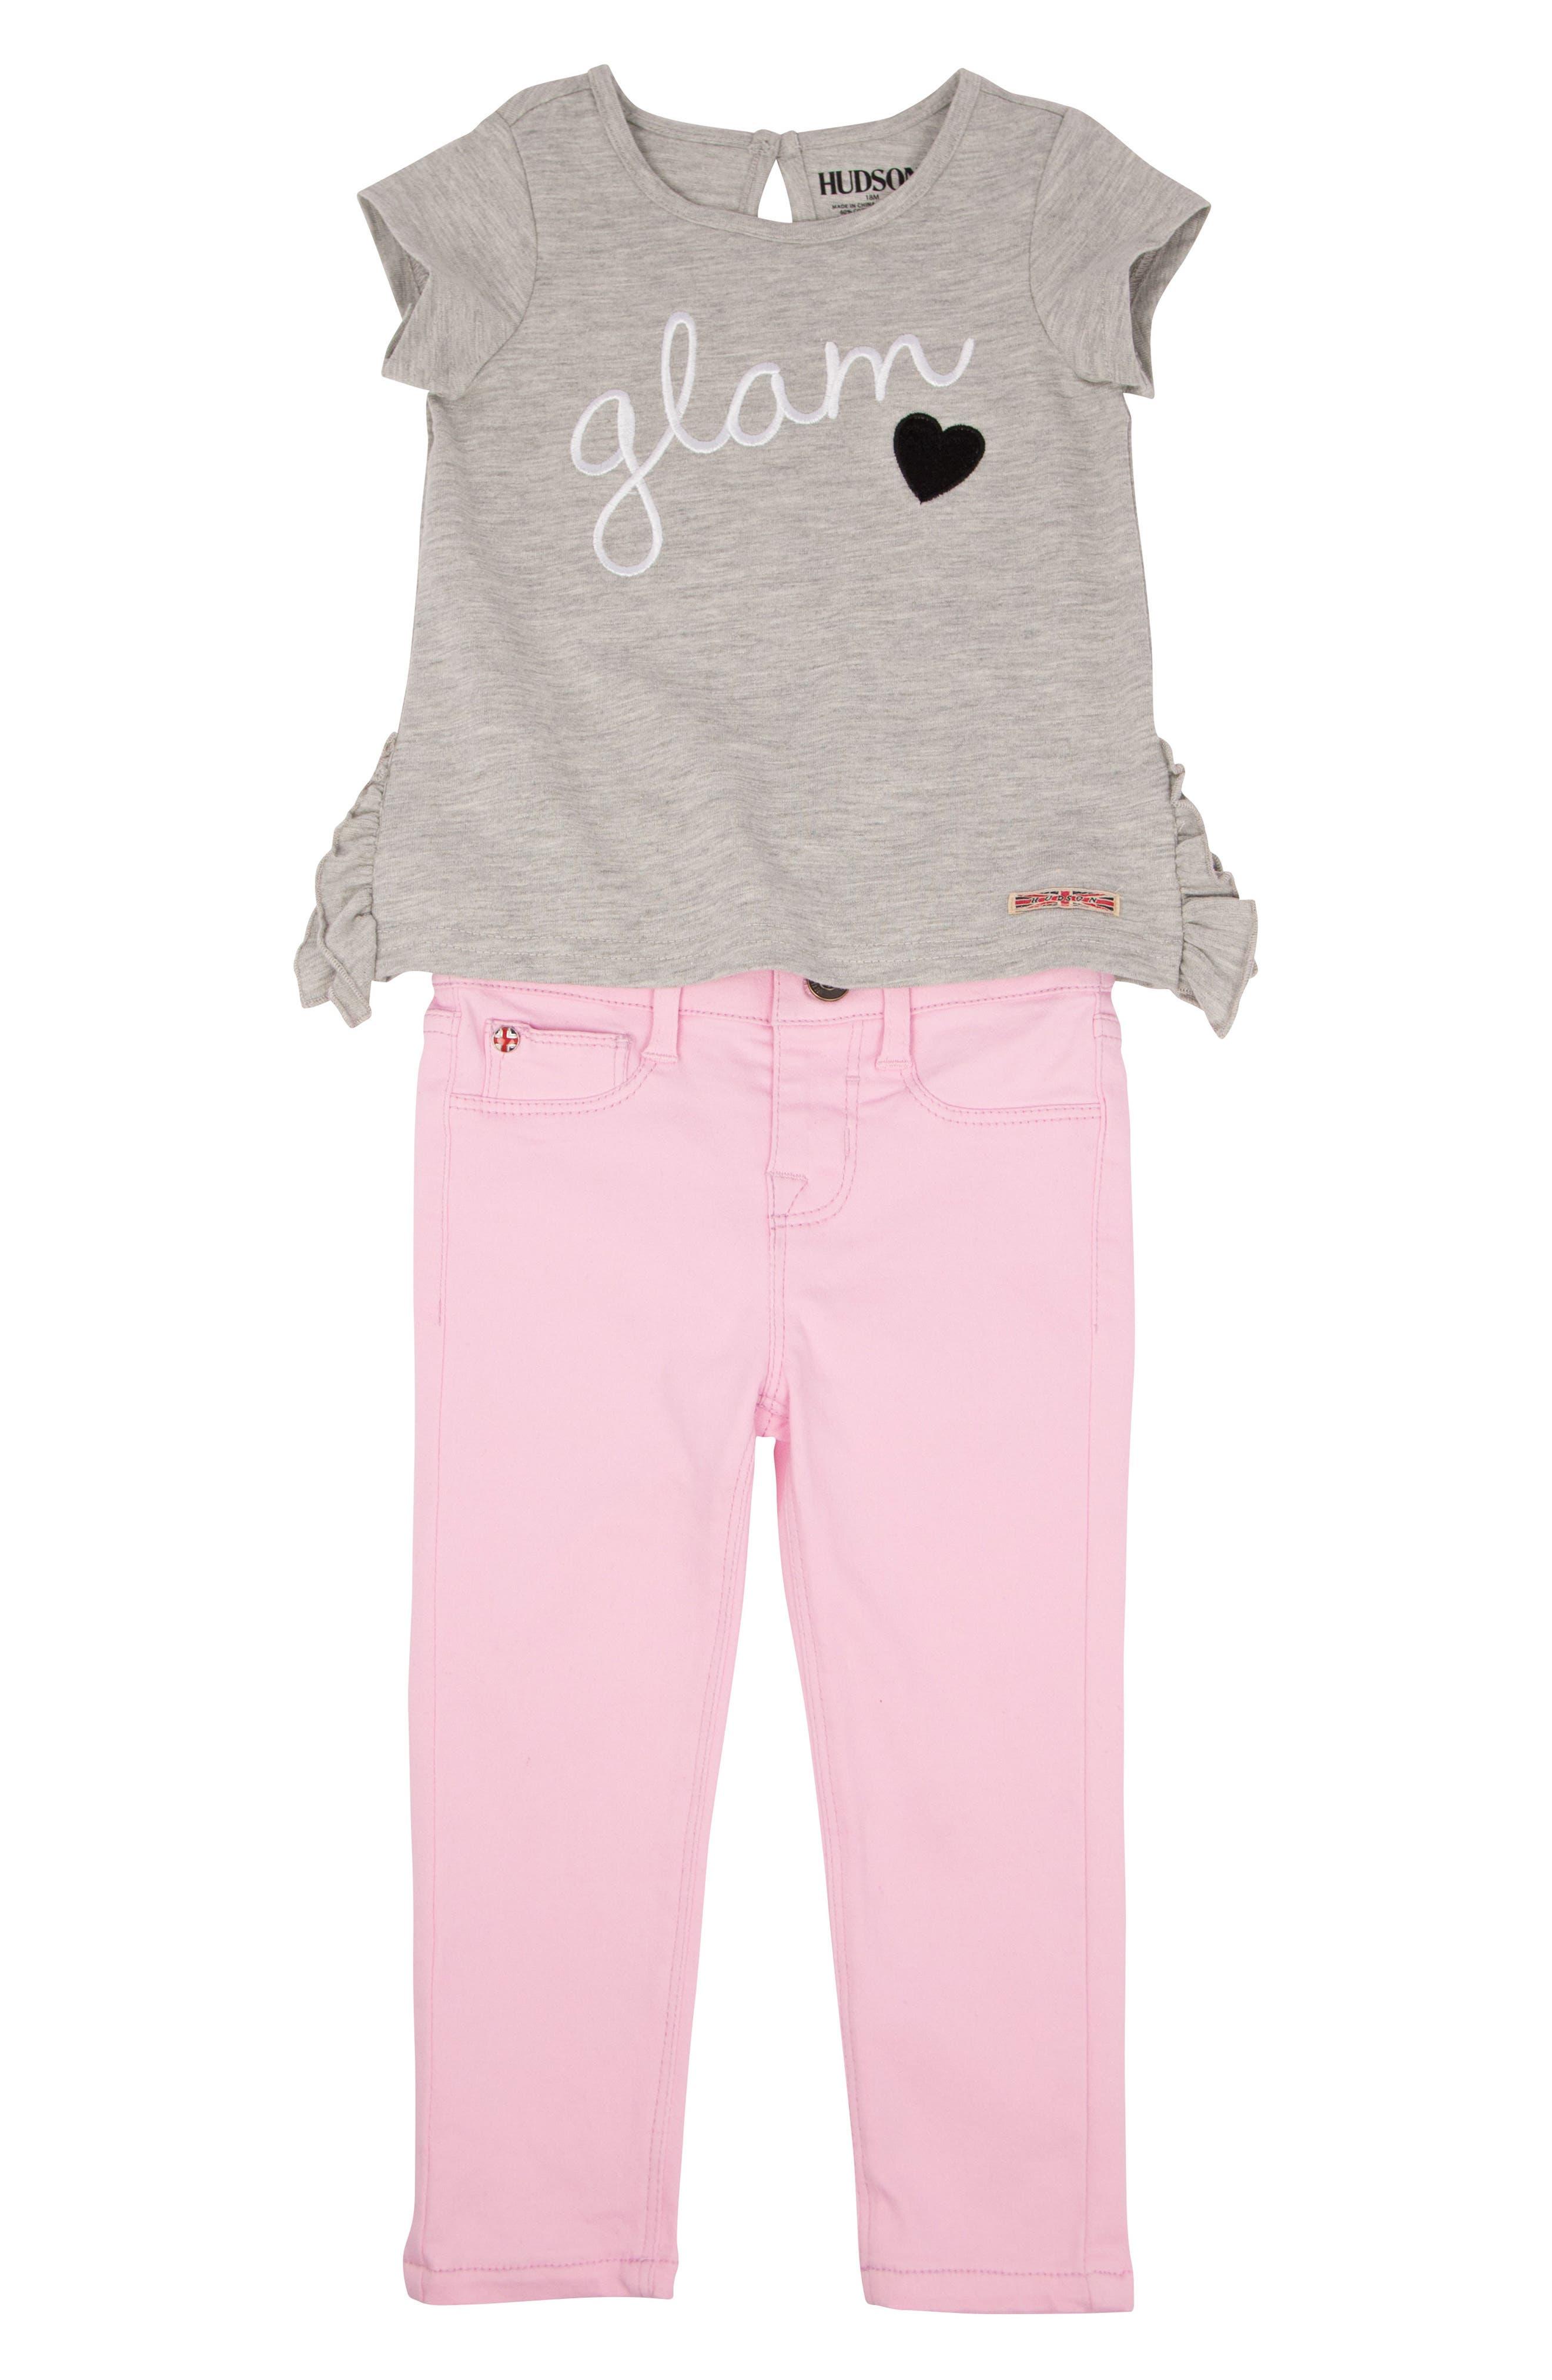 Hudson Kids Tee & Jeans Set (Baby Girls)